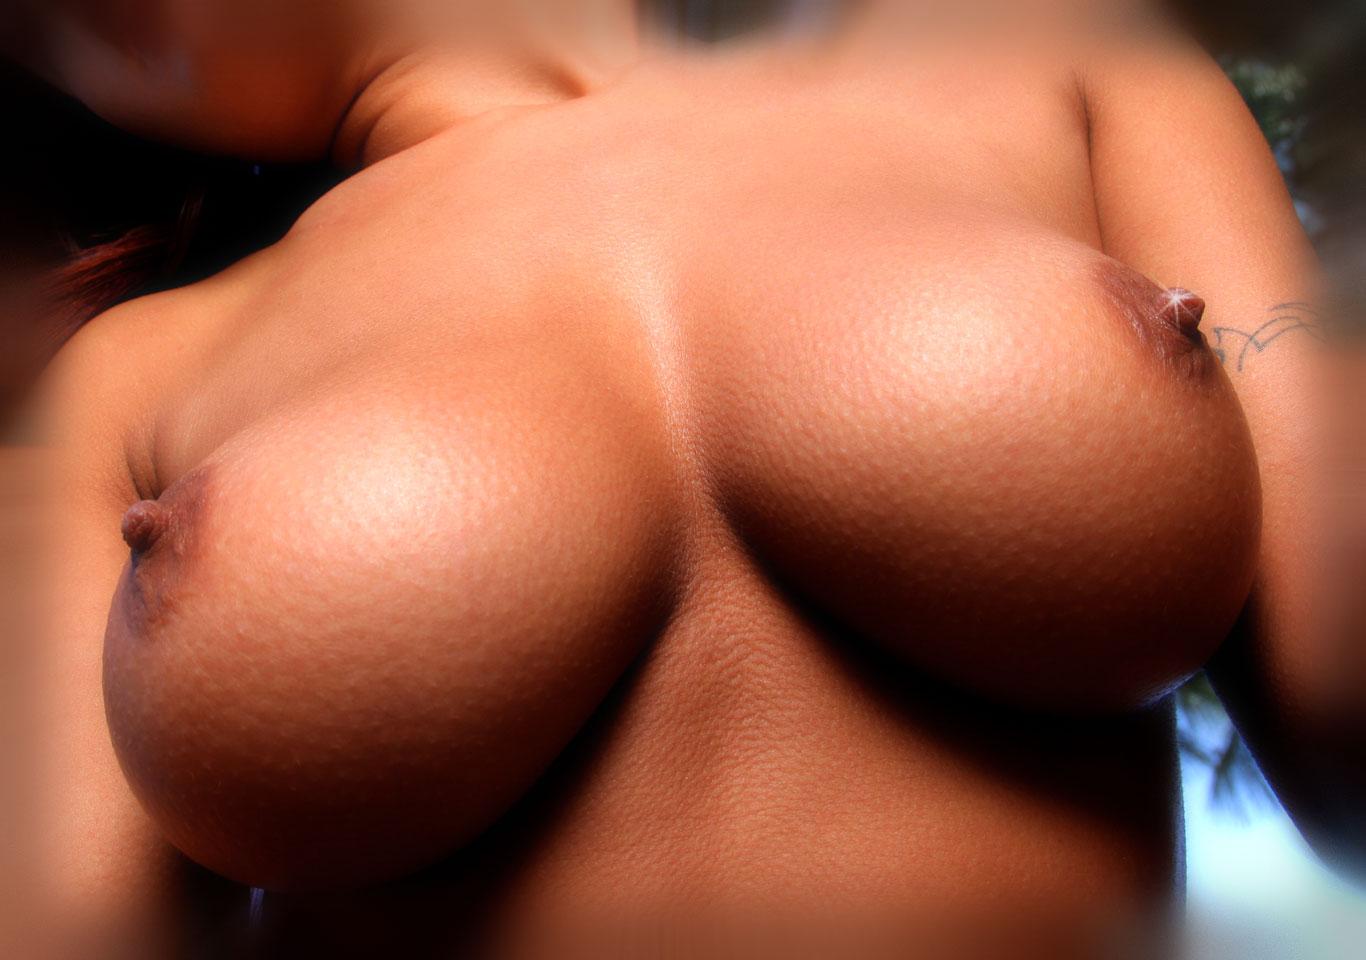 Фото огромные попки сиськи, Большие жопы - красивые пышные жопы и сиськи 2 фотография